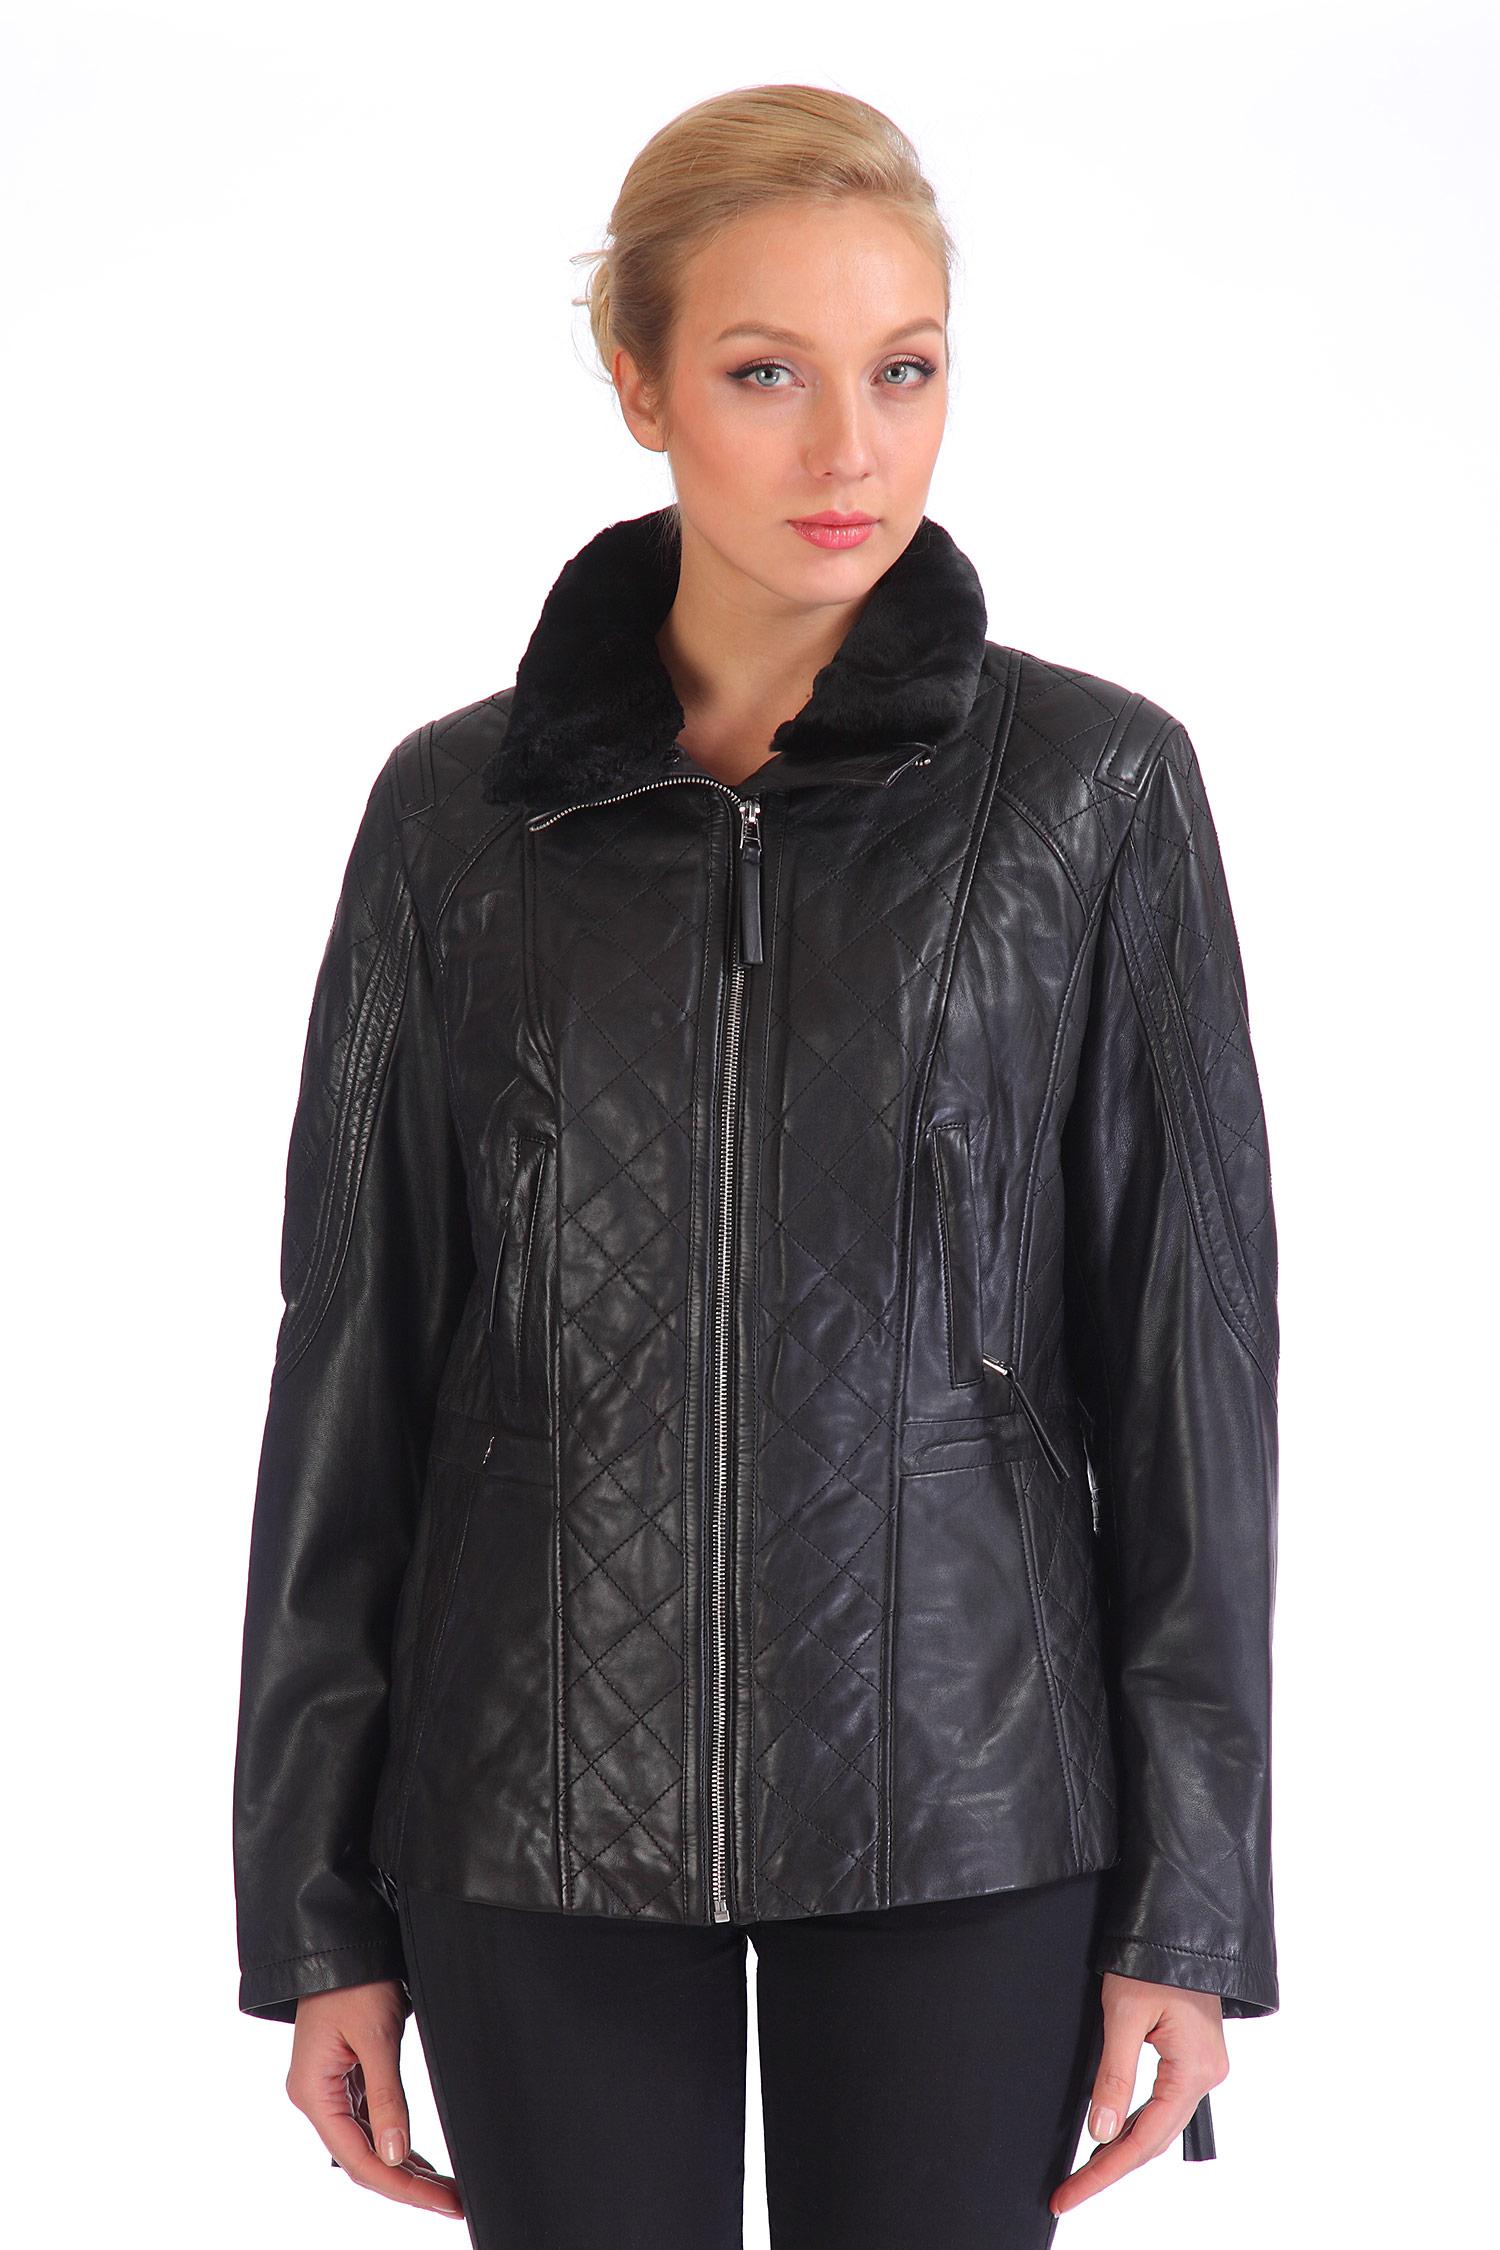 Женская кожаная куртка из натуральной кожи с воротником, отделка искусственный мех<br><br>Воротник: стойка<br>Длина см: Короткая (51-74 )<br>Материал: Кожа овчина<br>Цвет: черный<br>Застежка: на молнии<br>Пол: Женский<br>Размер RU: 50-52